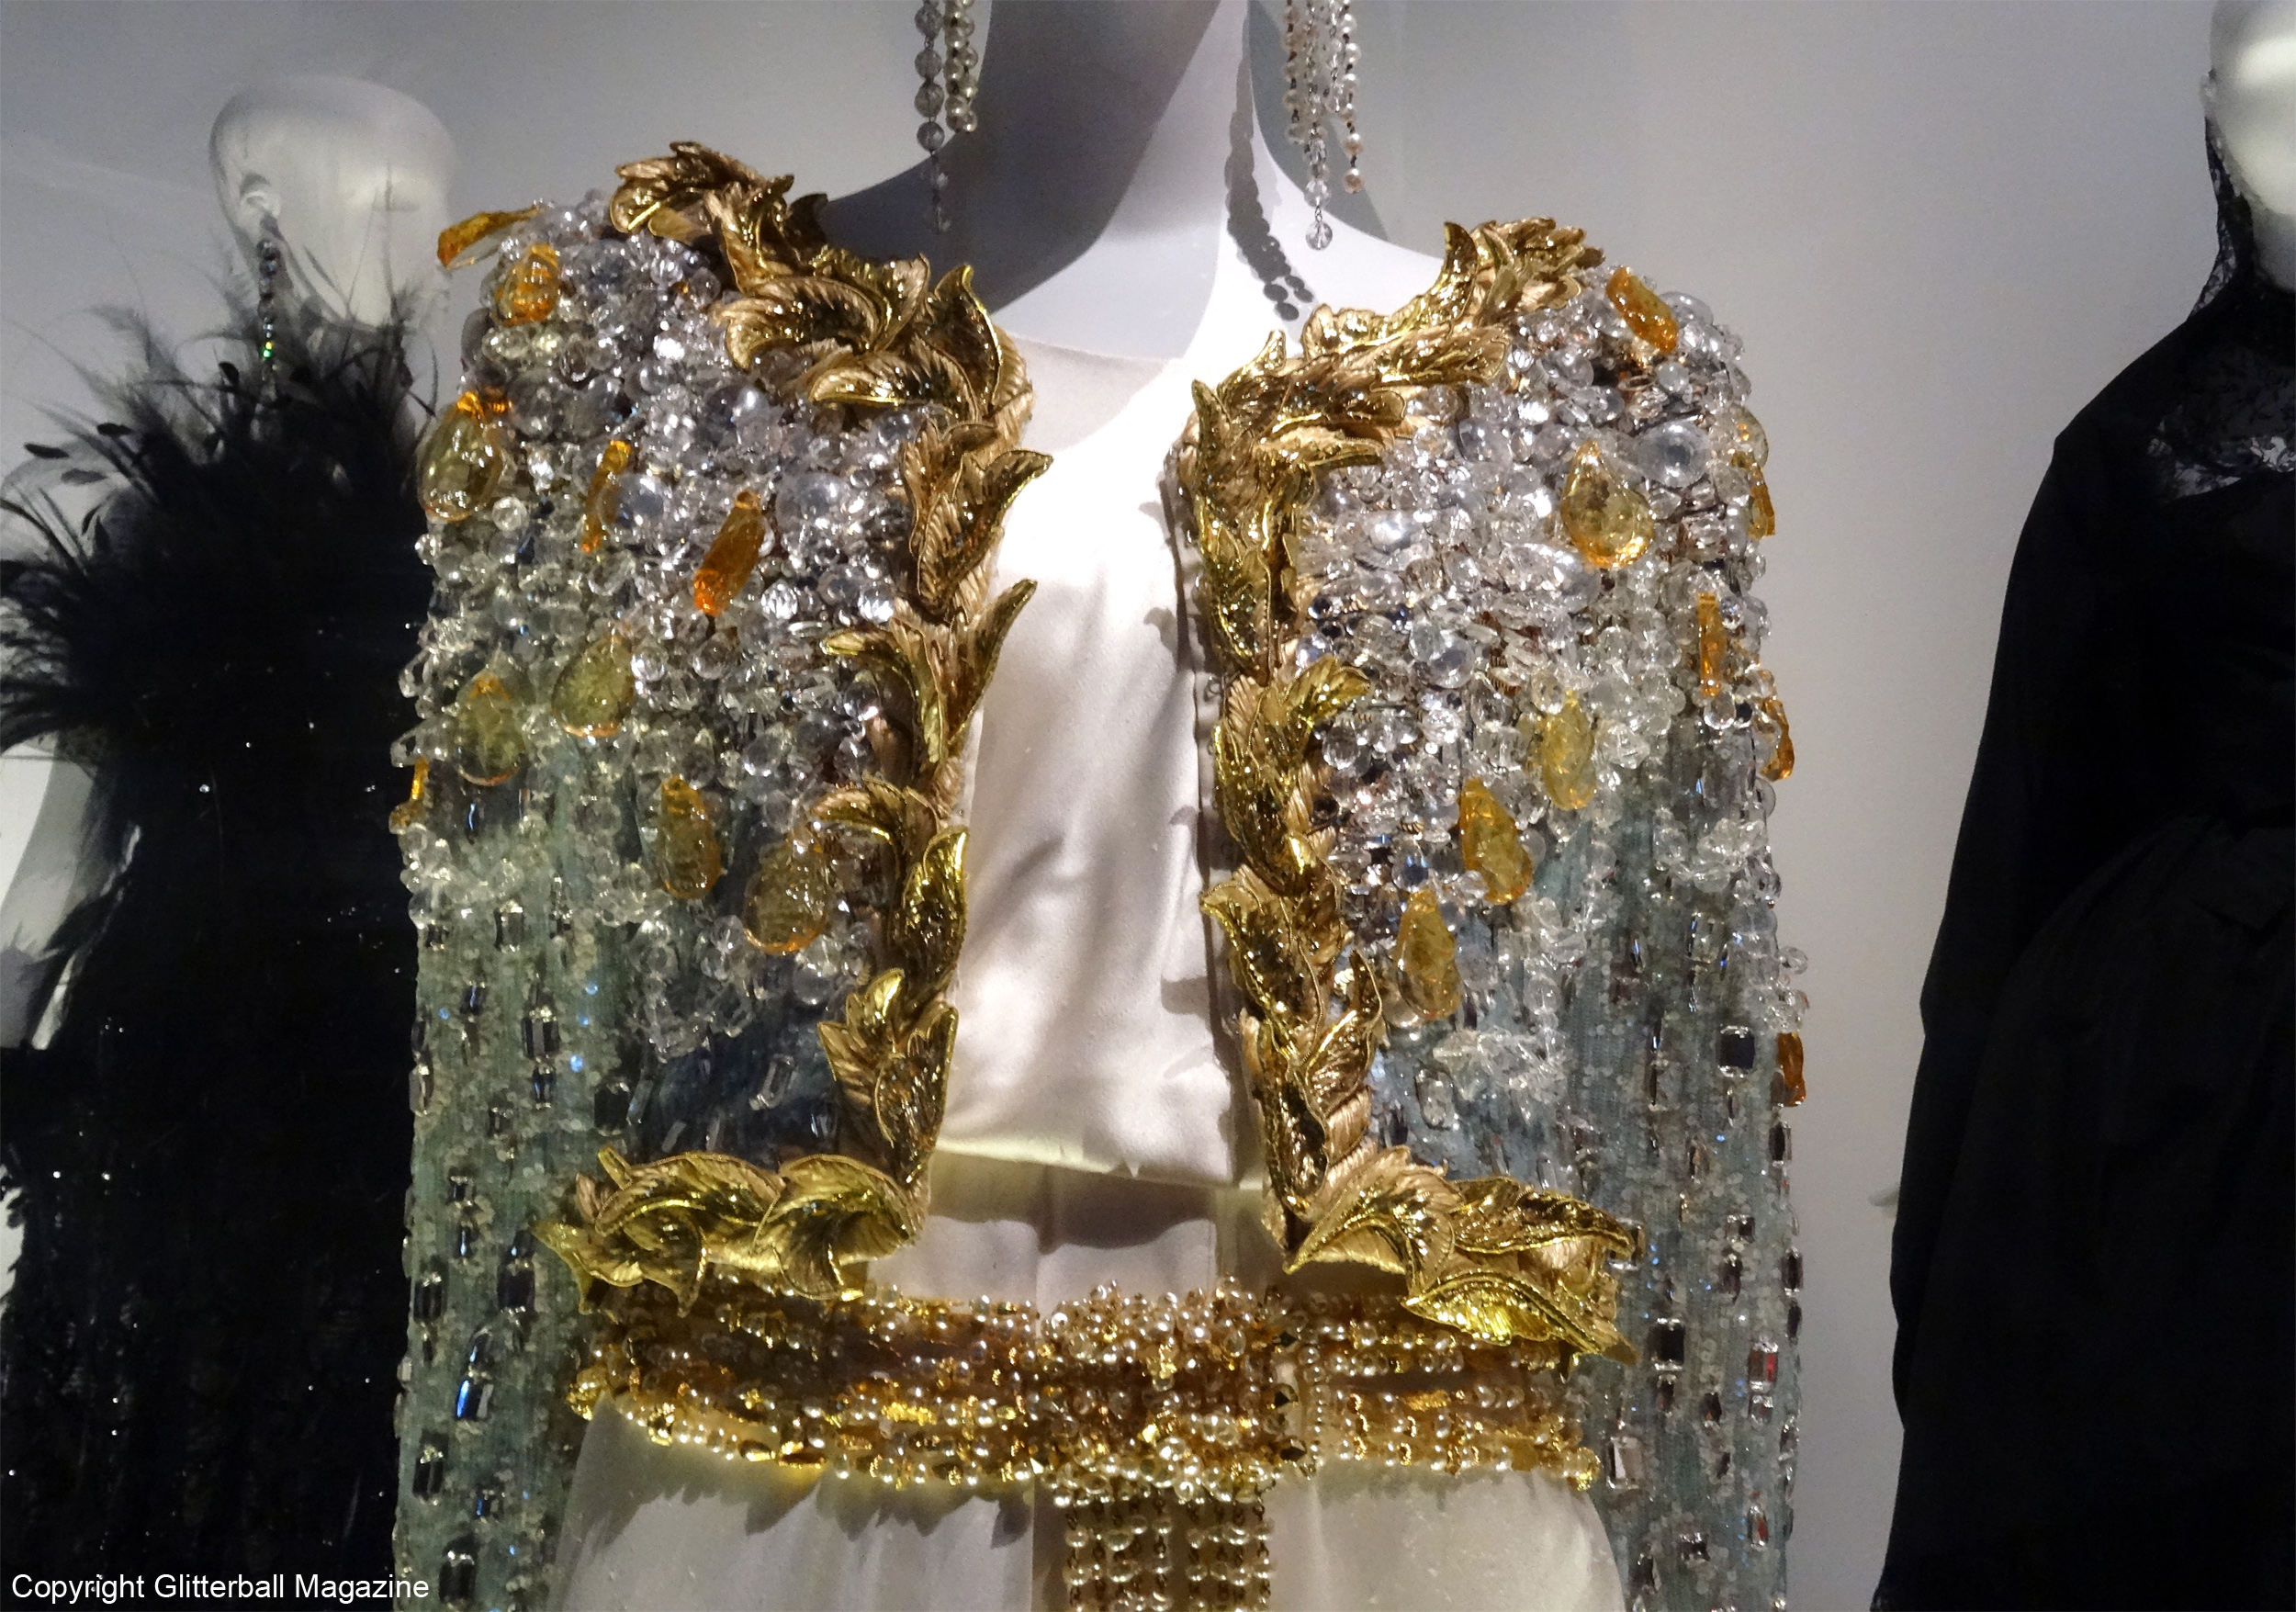 ysl golden jacket close up